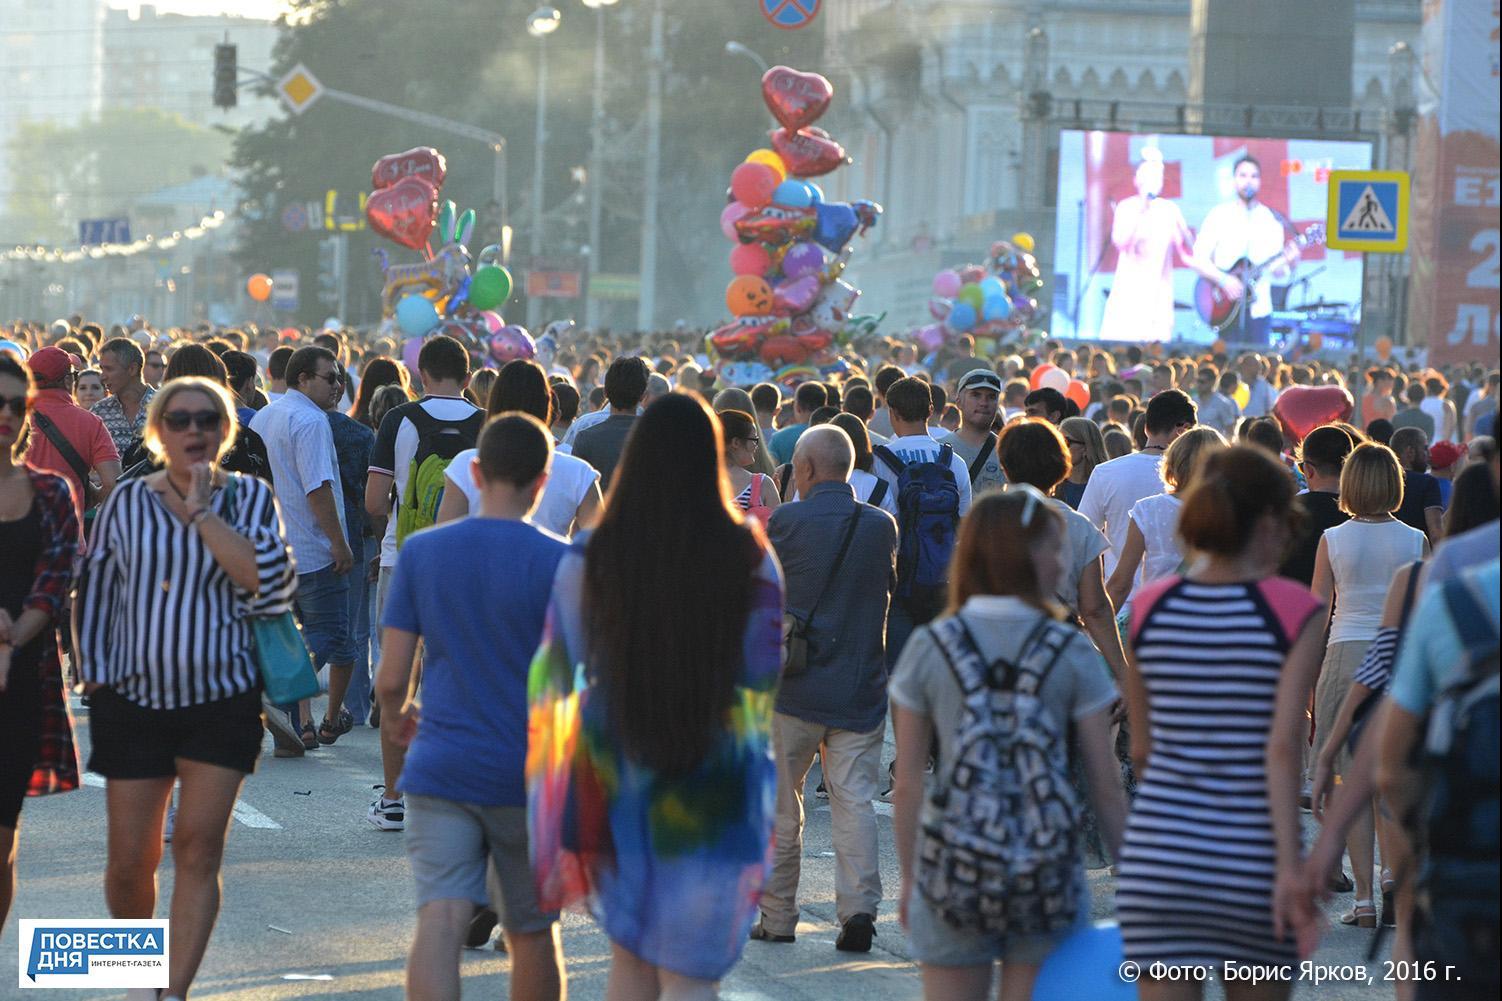 Население Екатеринбурга преодолело планку вполтора миллиона